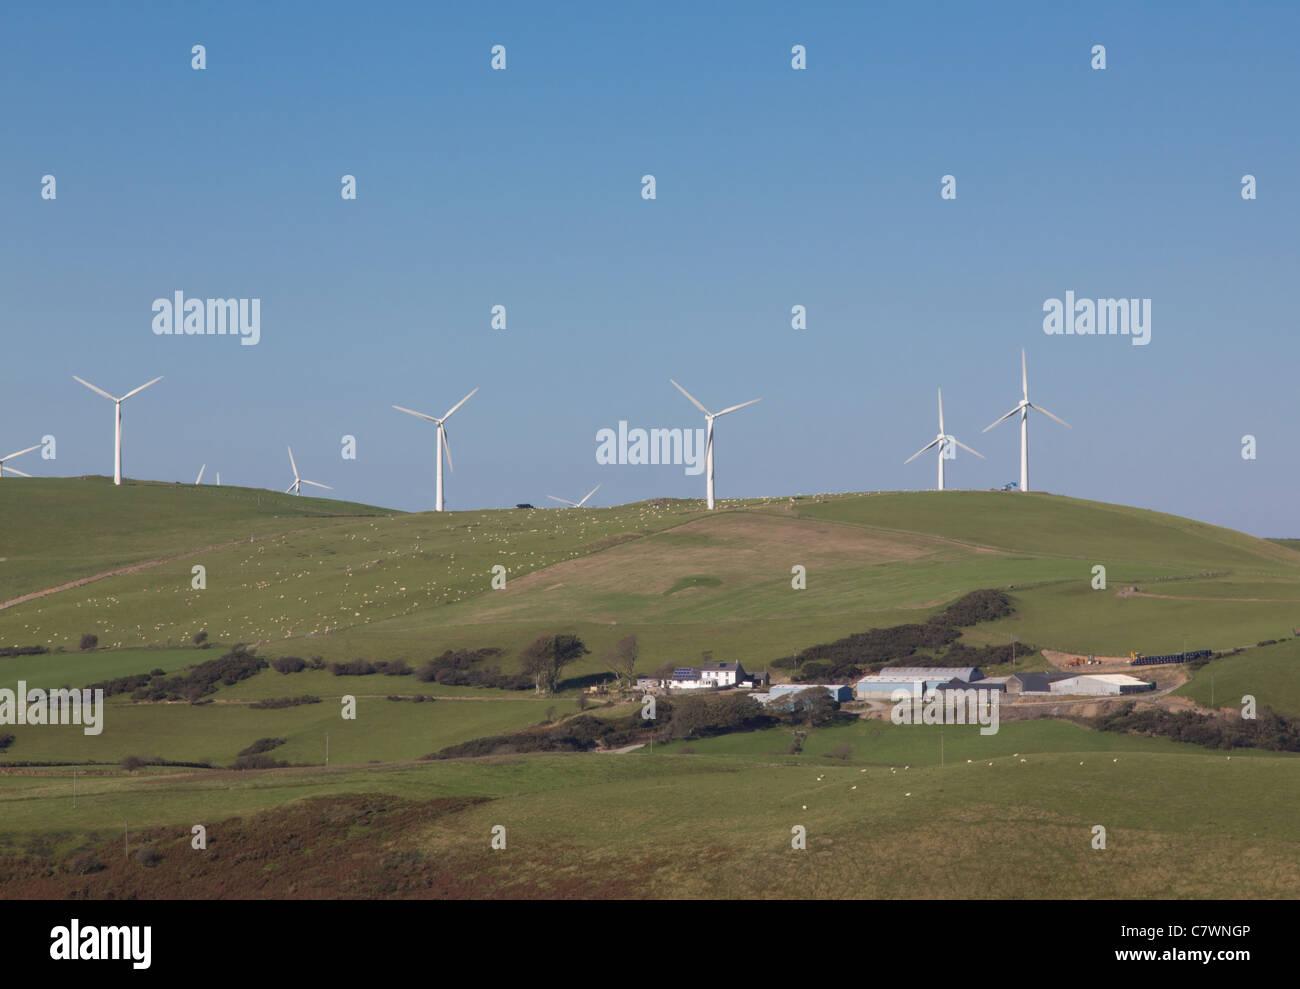 Mynydd Gorddu farm and windfarm - Stock Image